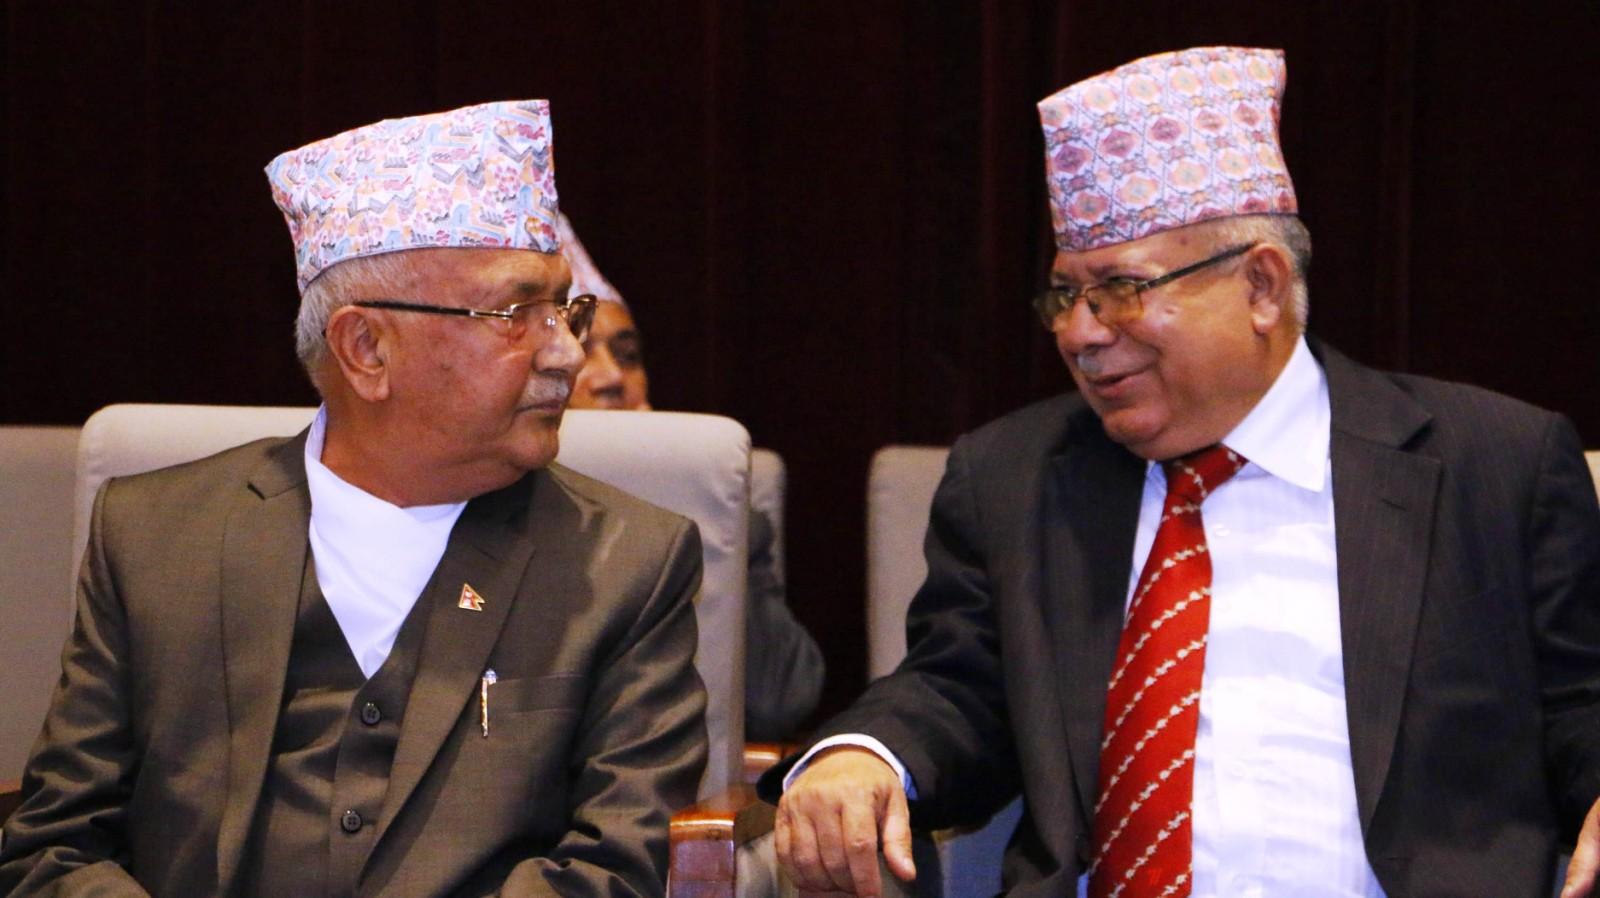 ओलीलाई पार्टी अध्यक्षबाट पनि हटाउने नेपाल पक्षको रणनीति होलात सफल ?